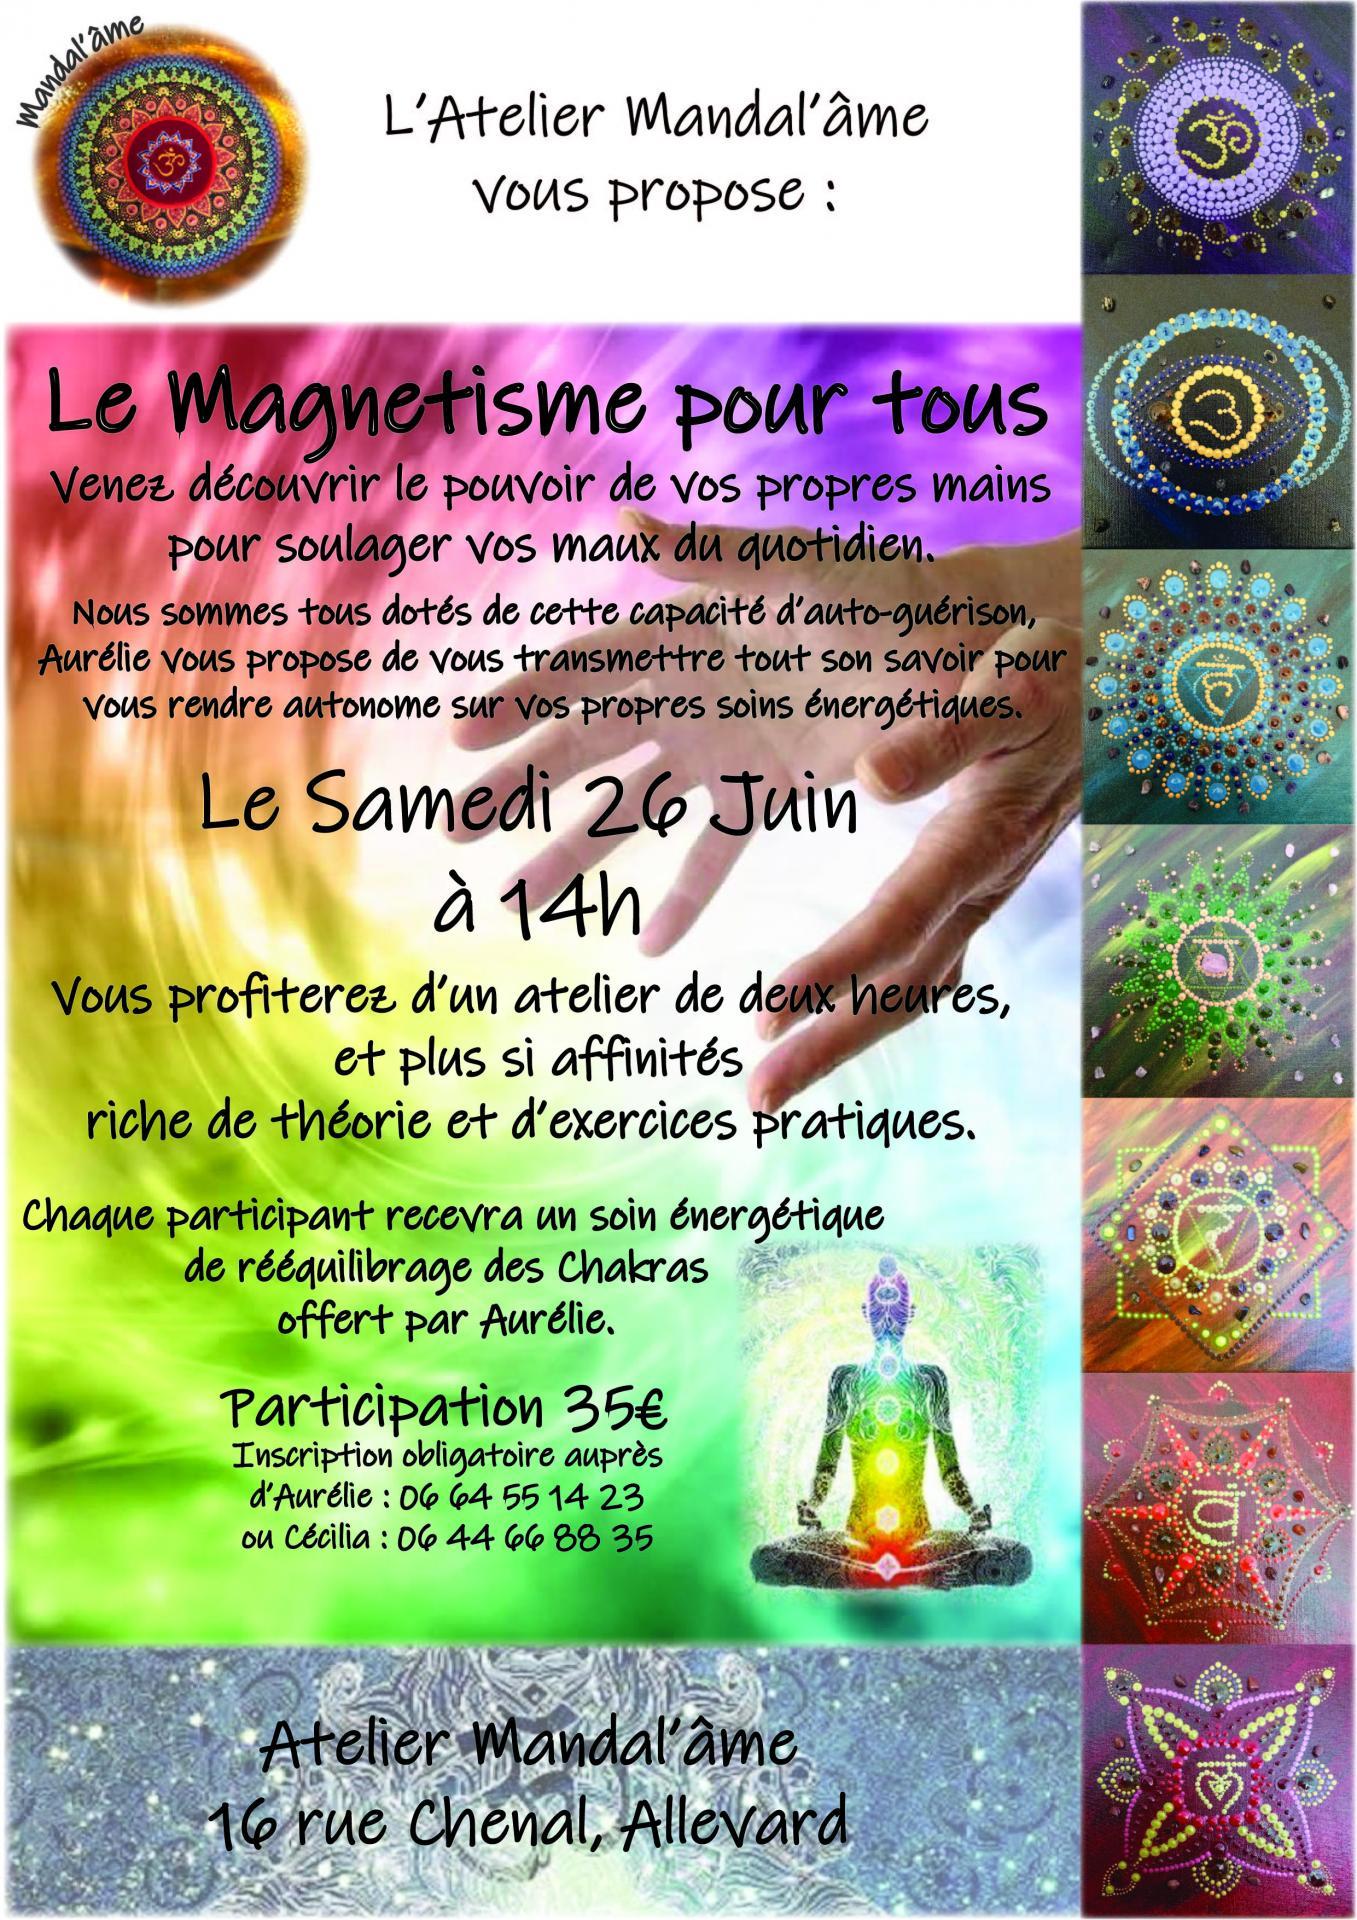 Aurelie magnetisme 07 07